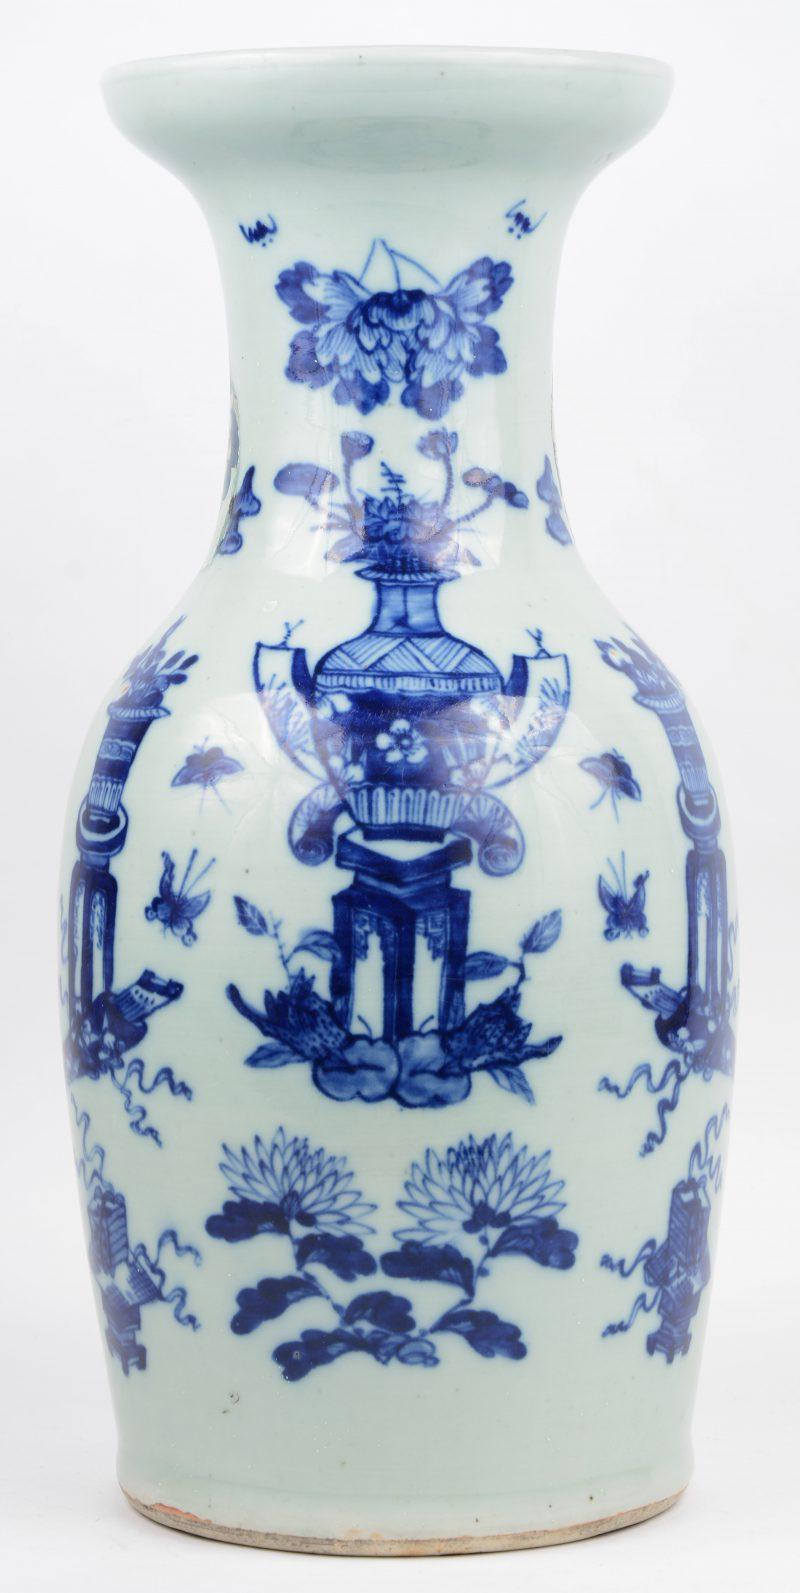 Een vaas van Chinees porselein met een blauw op wit decor van bloemenvazen. Barst en restauraties over de hals.